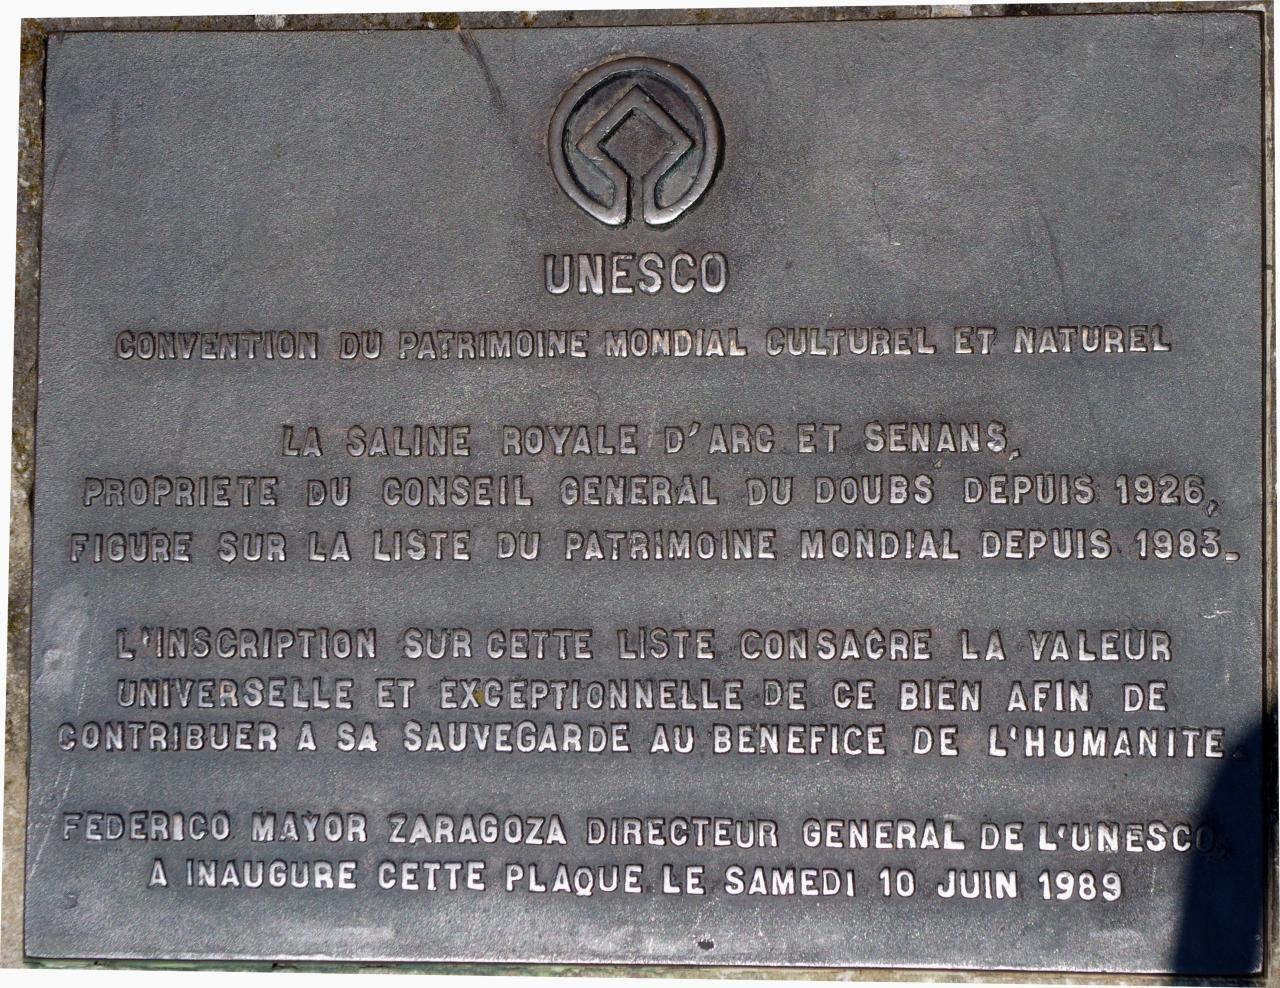 Plaque de l'UNESCO